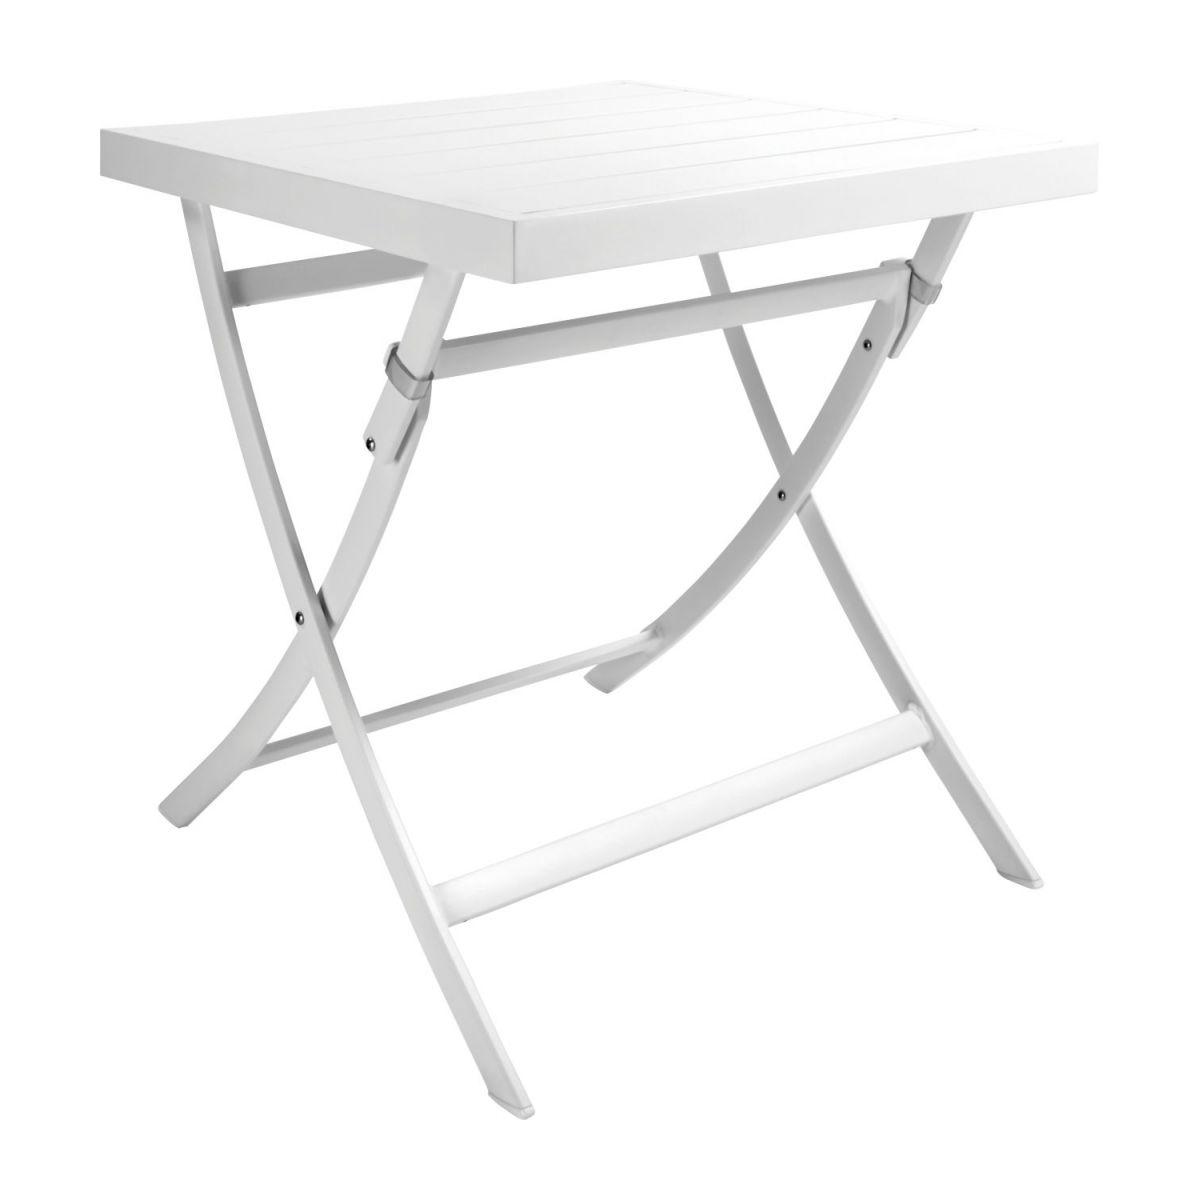 Table De Jardin Pliante Carrée En Aluminium Laqué Blanc tout Table Basse De Jardin Pliante